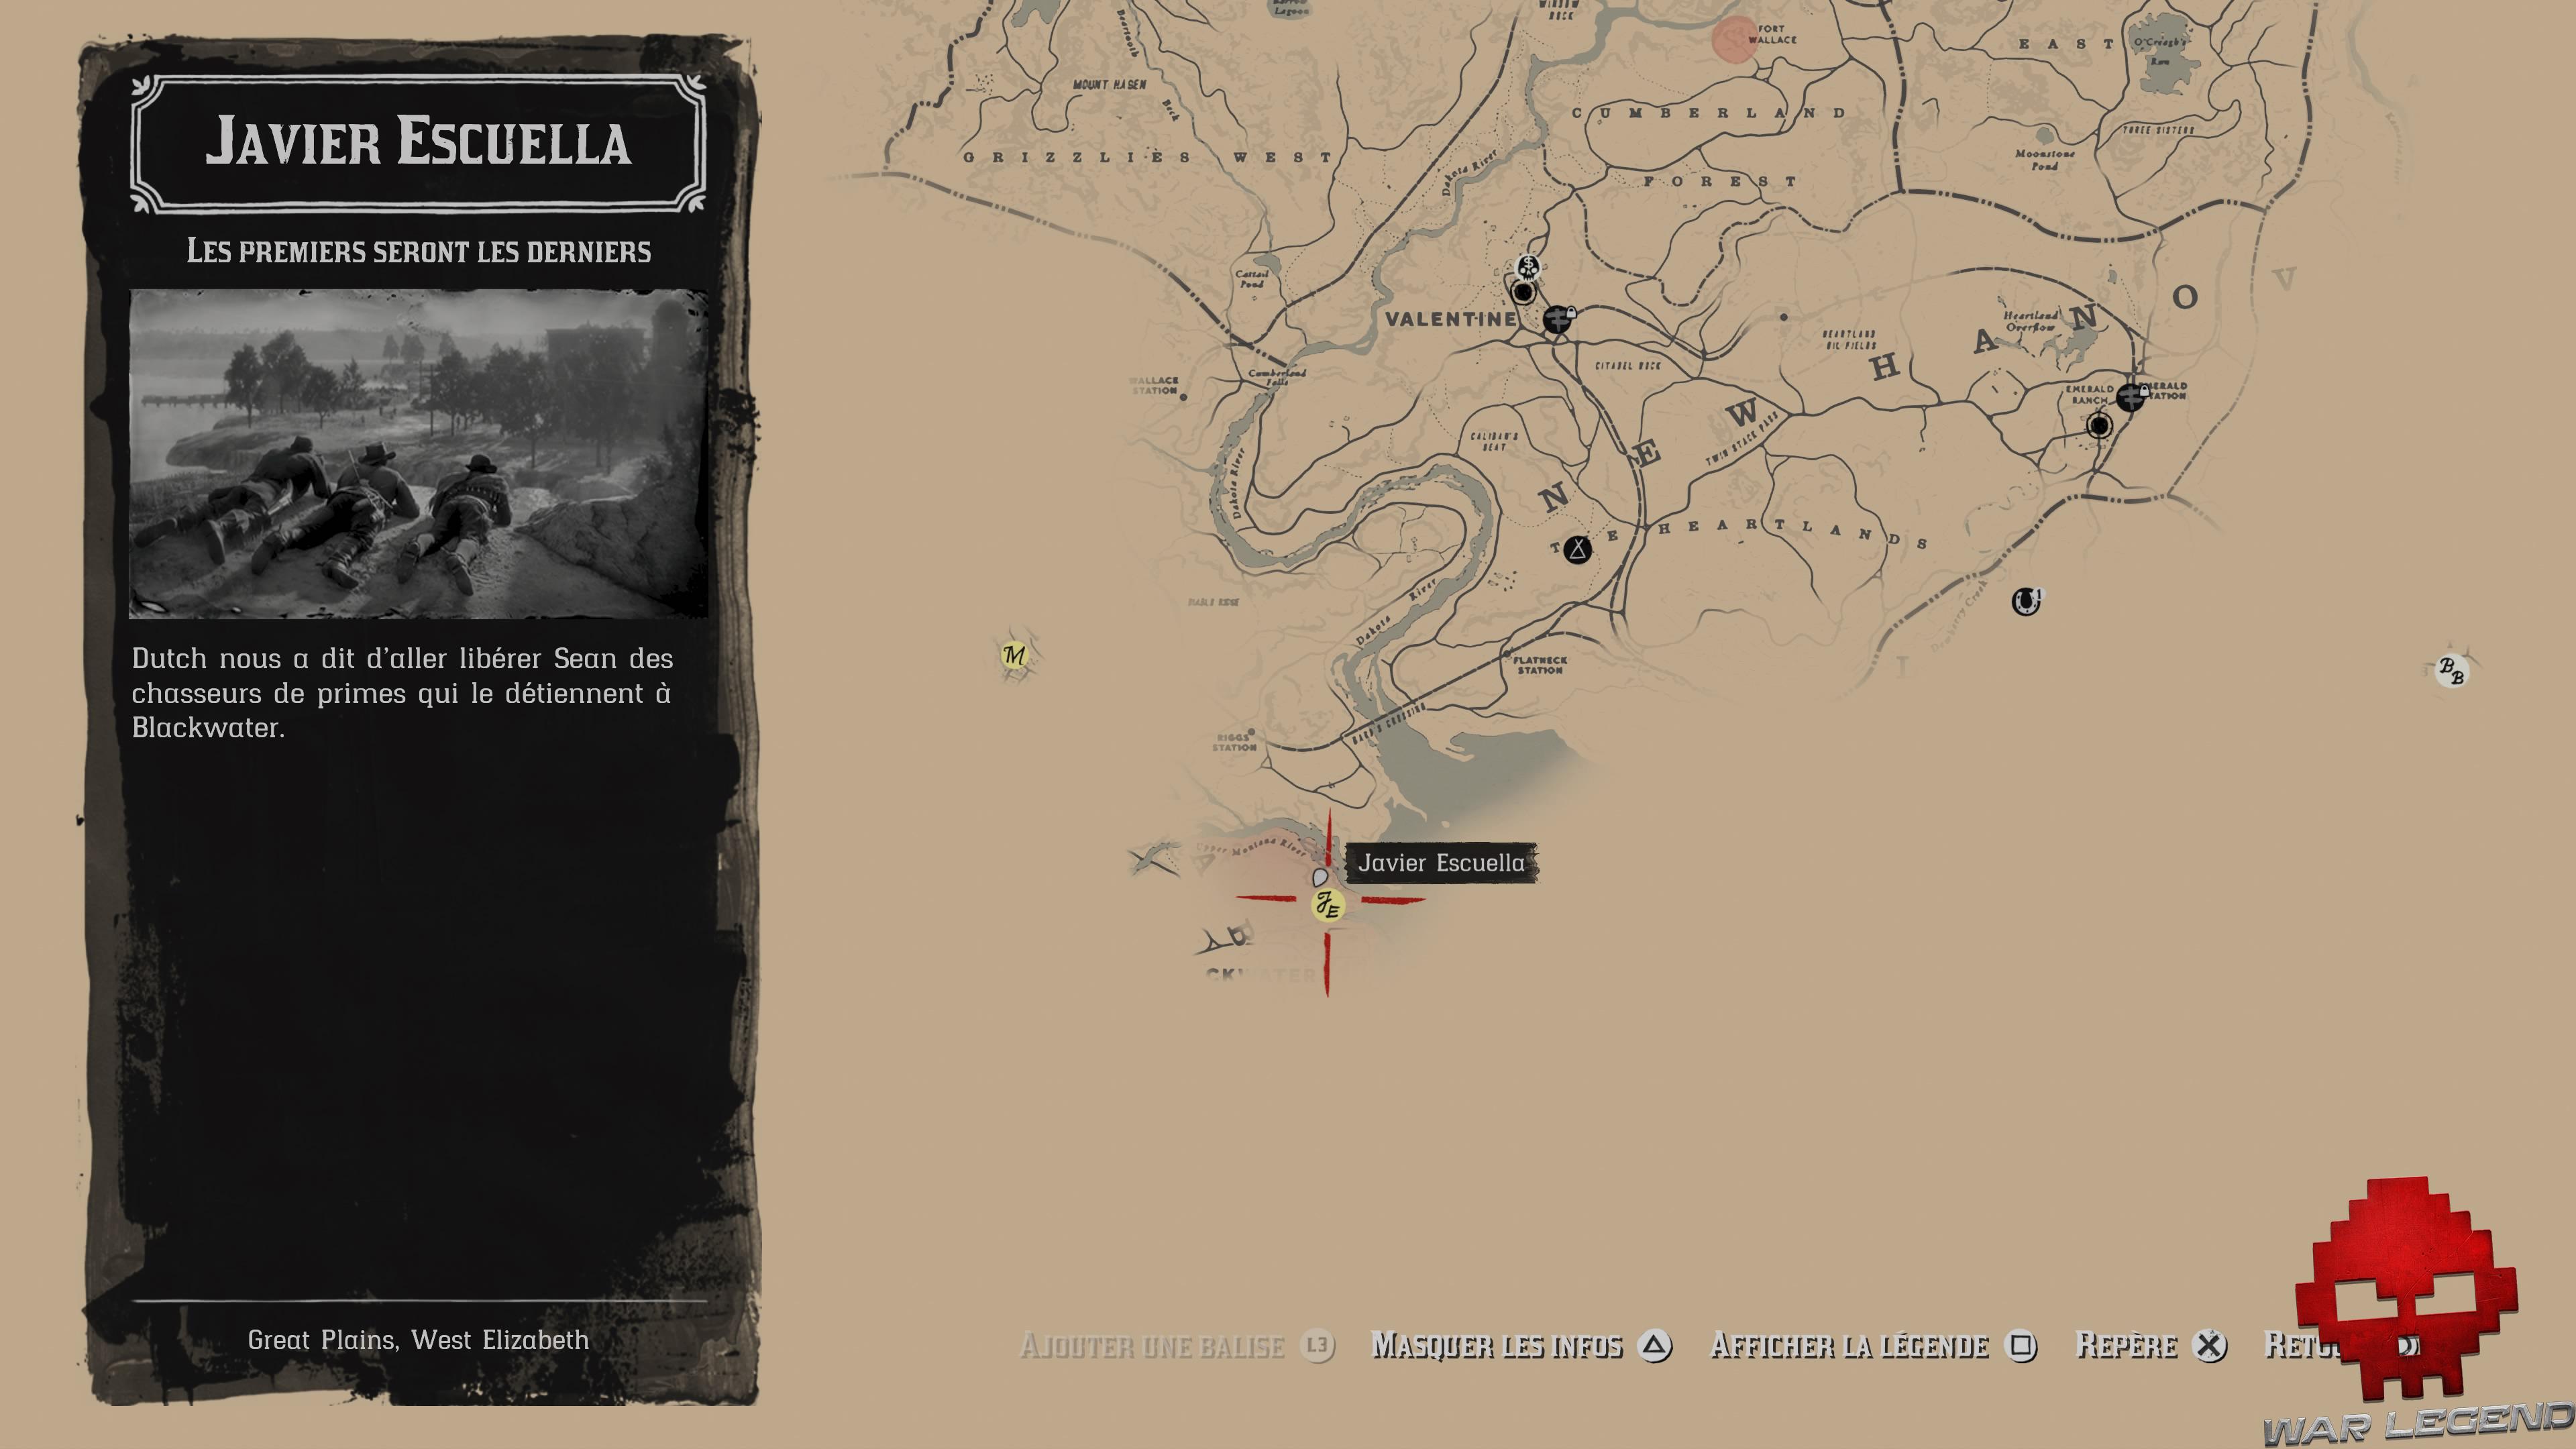 Soluce Red Dead Redemption 2 les premiers seront les derniers carte emplacement mission javier